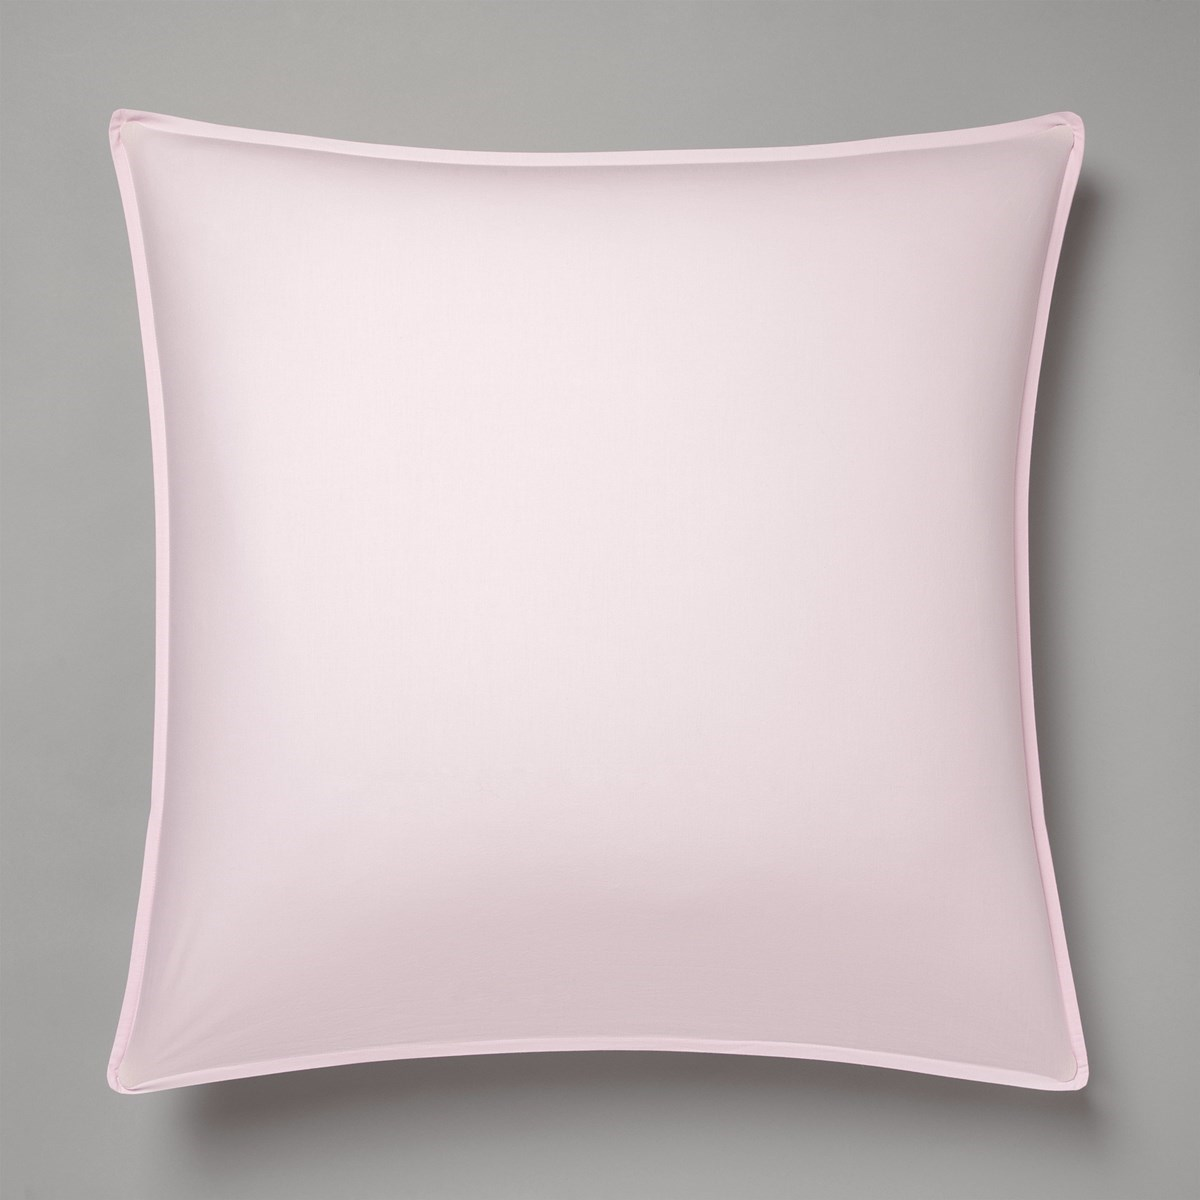 Taie d'oreiller percale lavée de coton peigné 120 fils 50x70